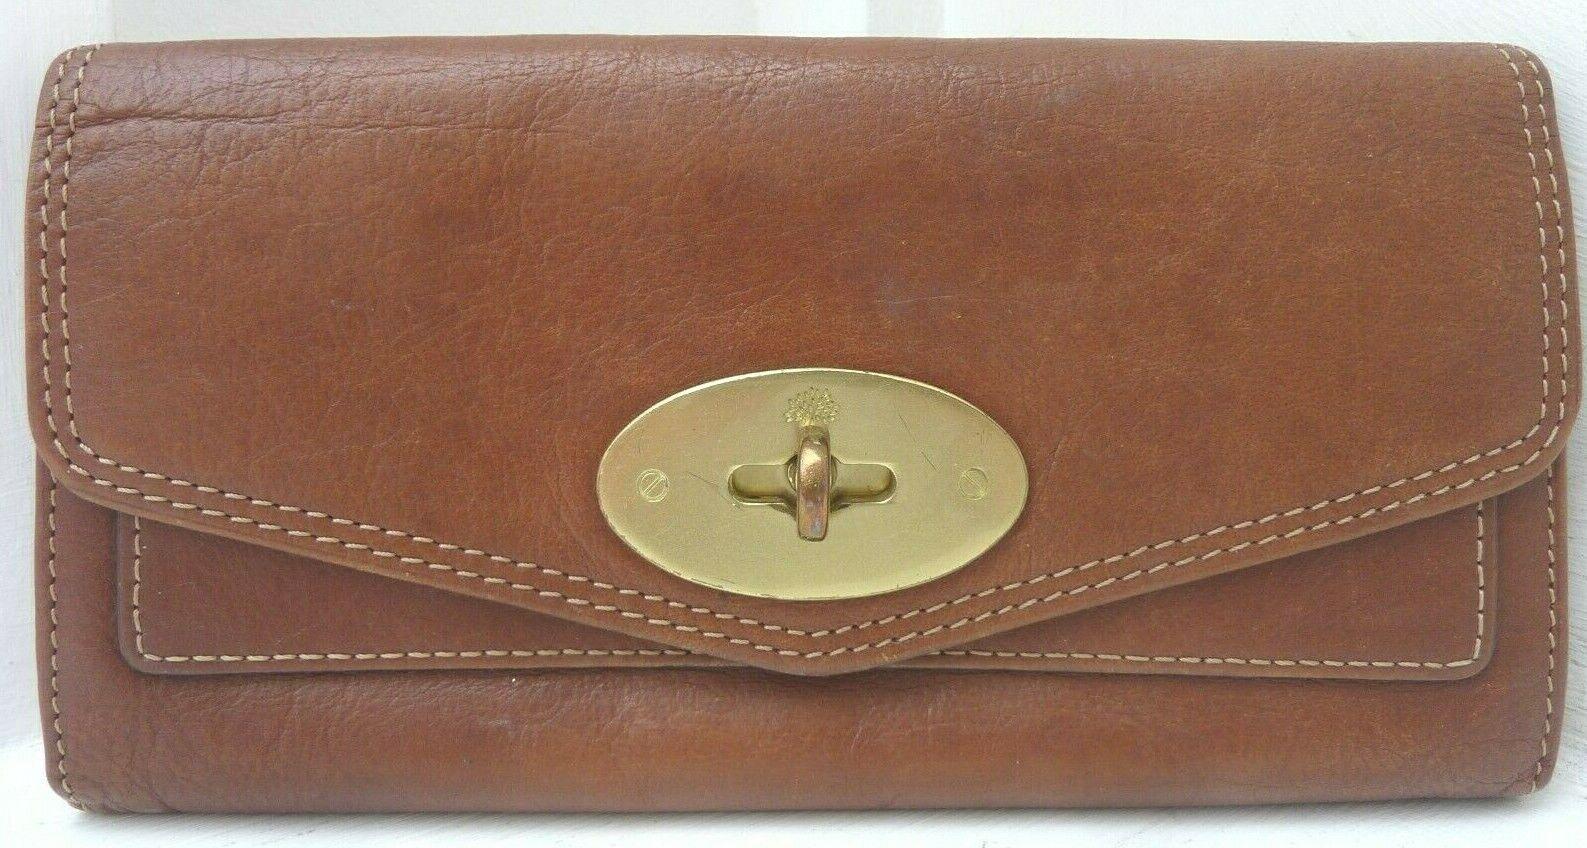 GENUINE MULBERRY Postman Lock Purse Wallet - - Oak Leather / Brass REDUCED